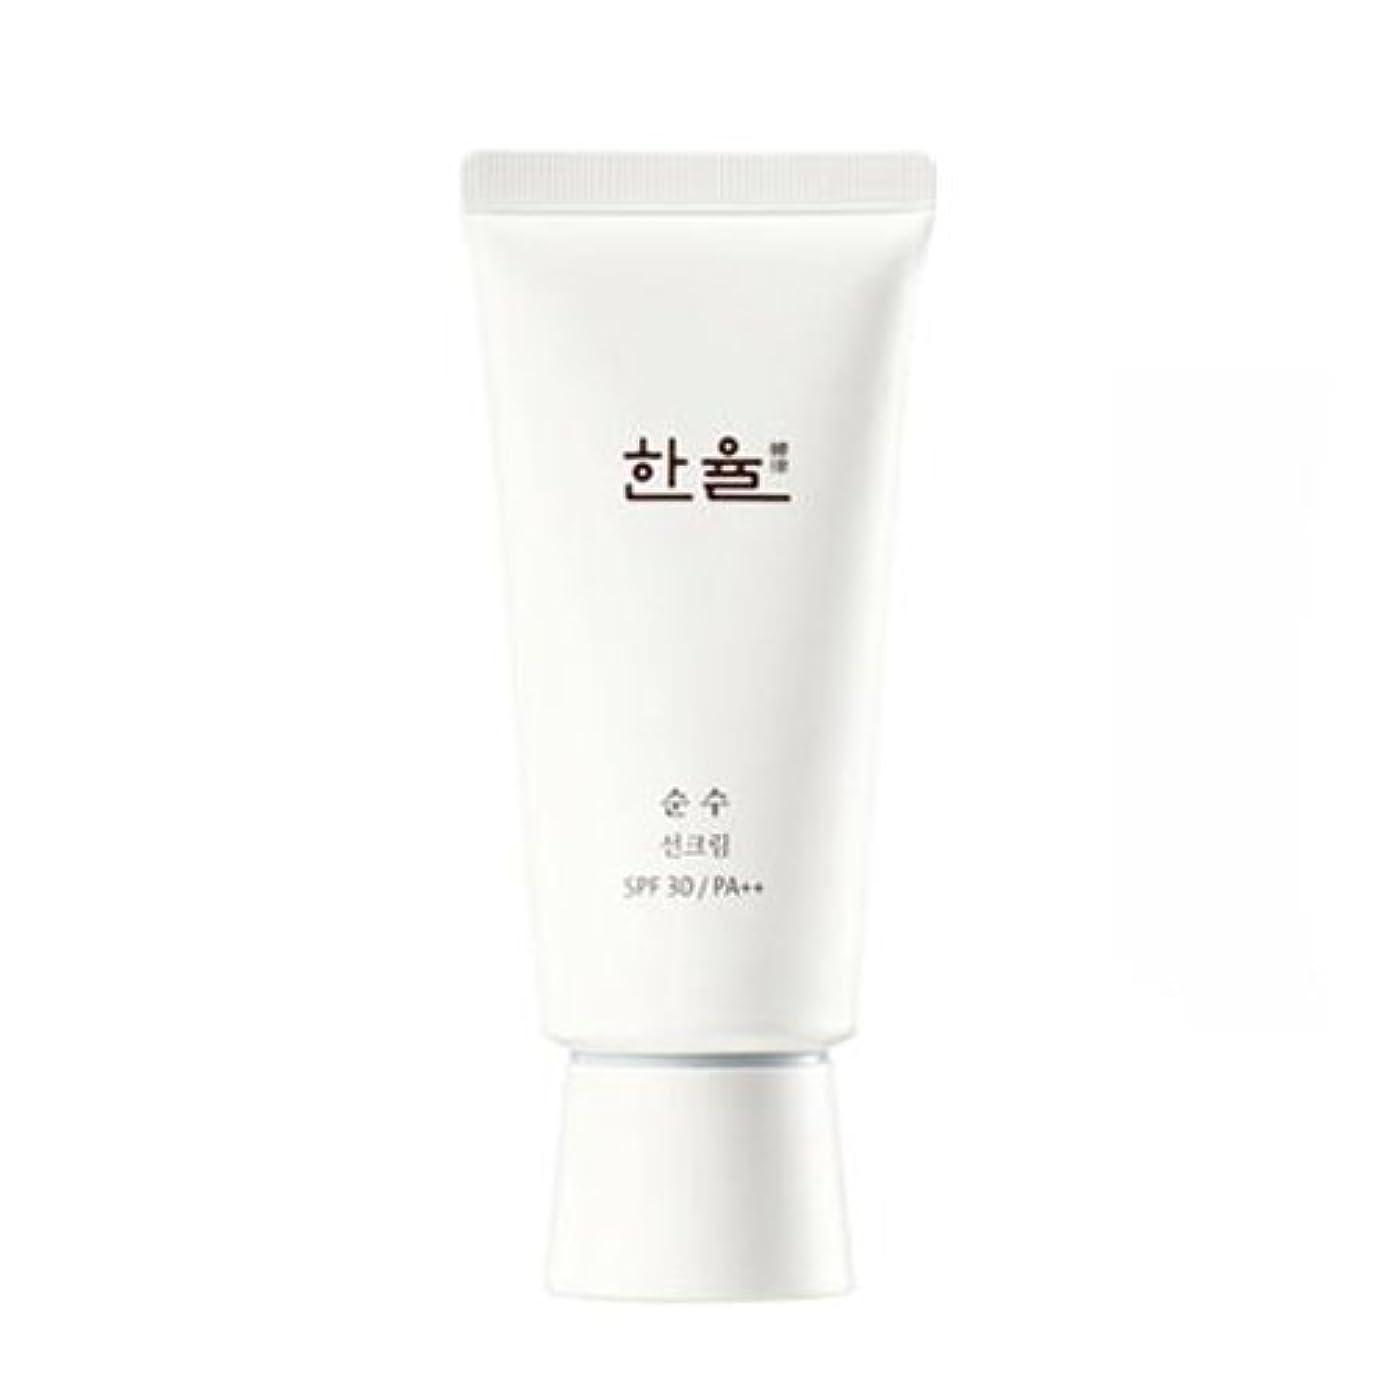 所有者同時割れ目Hanyul [ハンユル]純粋な日焼け止め[並行輸入品] + SoltreeBundleあぶらとり紙50枚